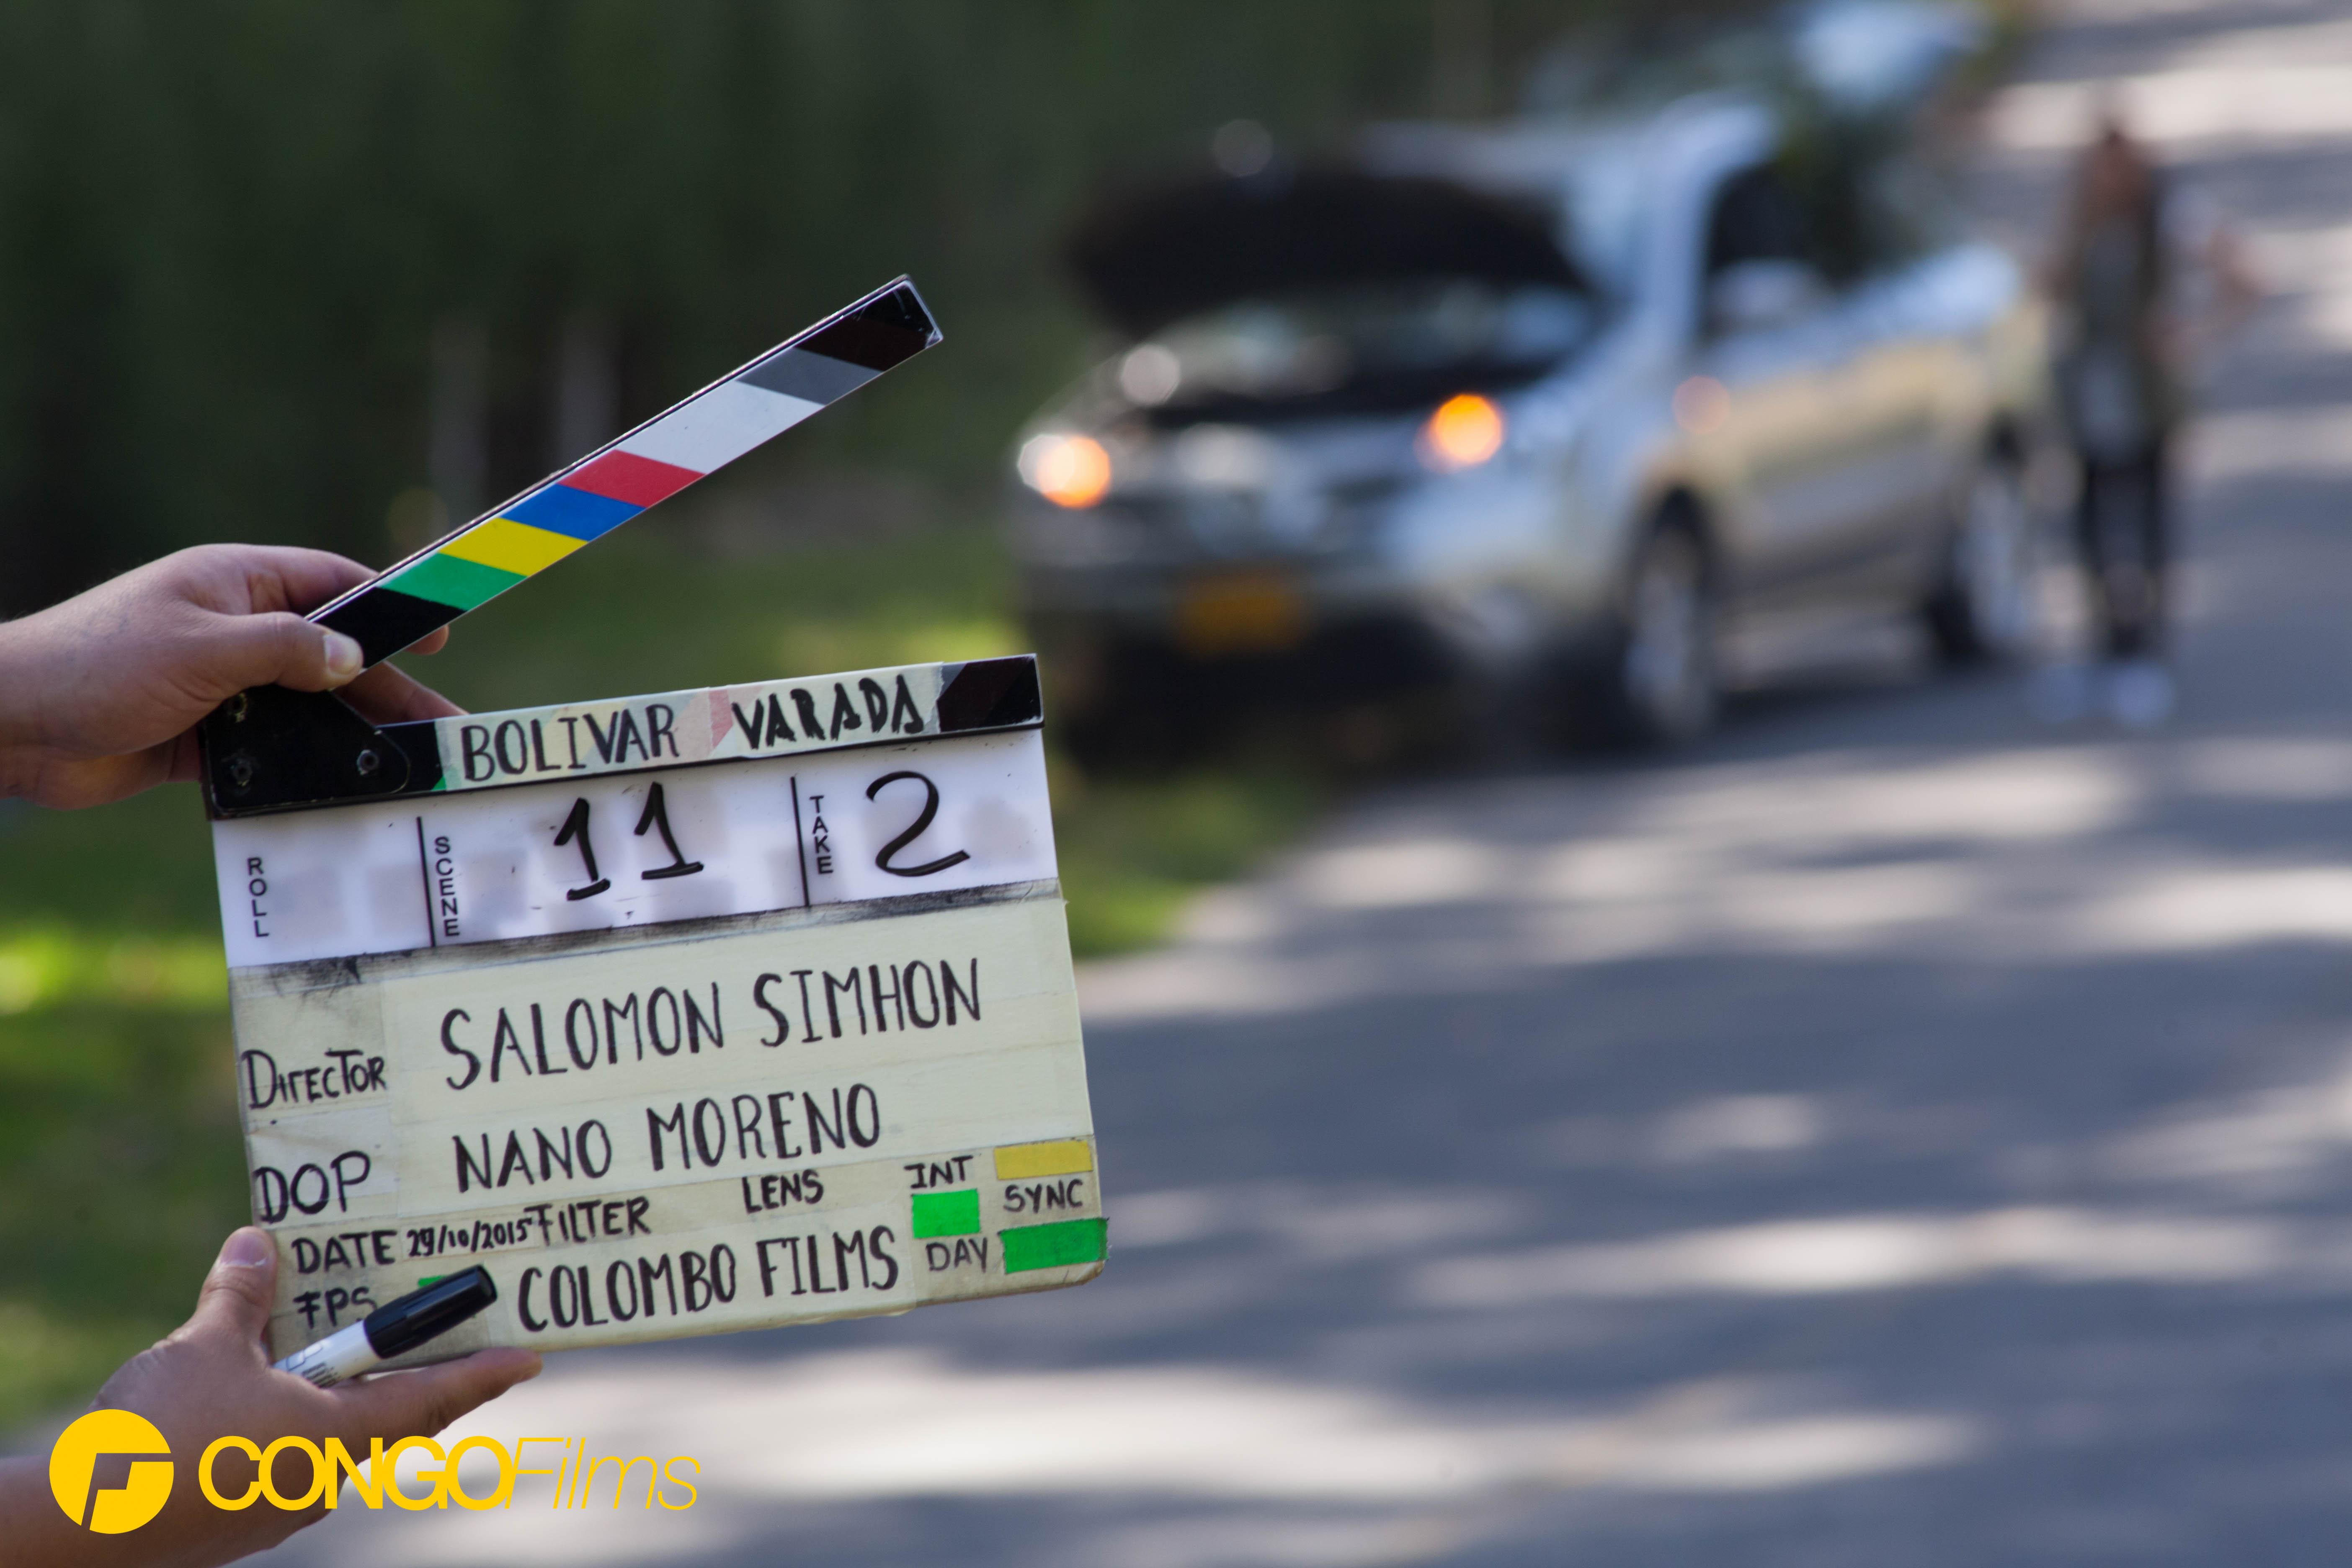 Colombo Films